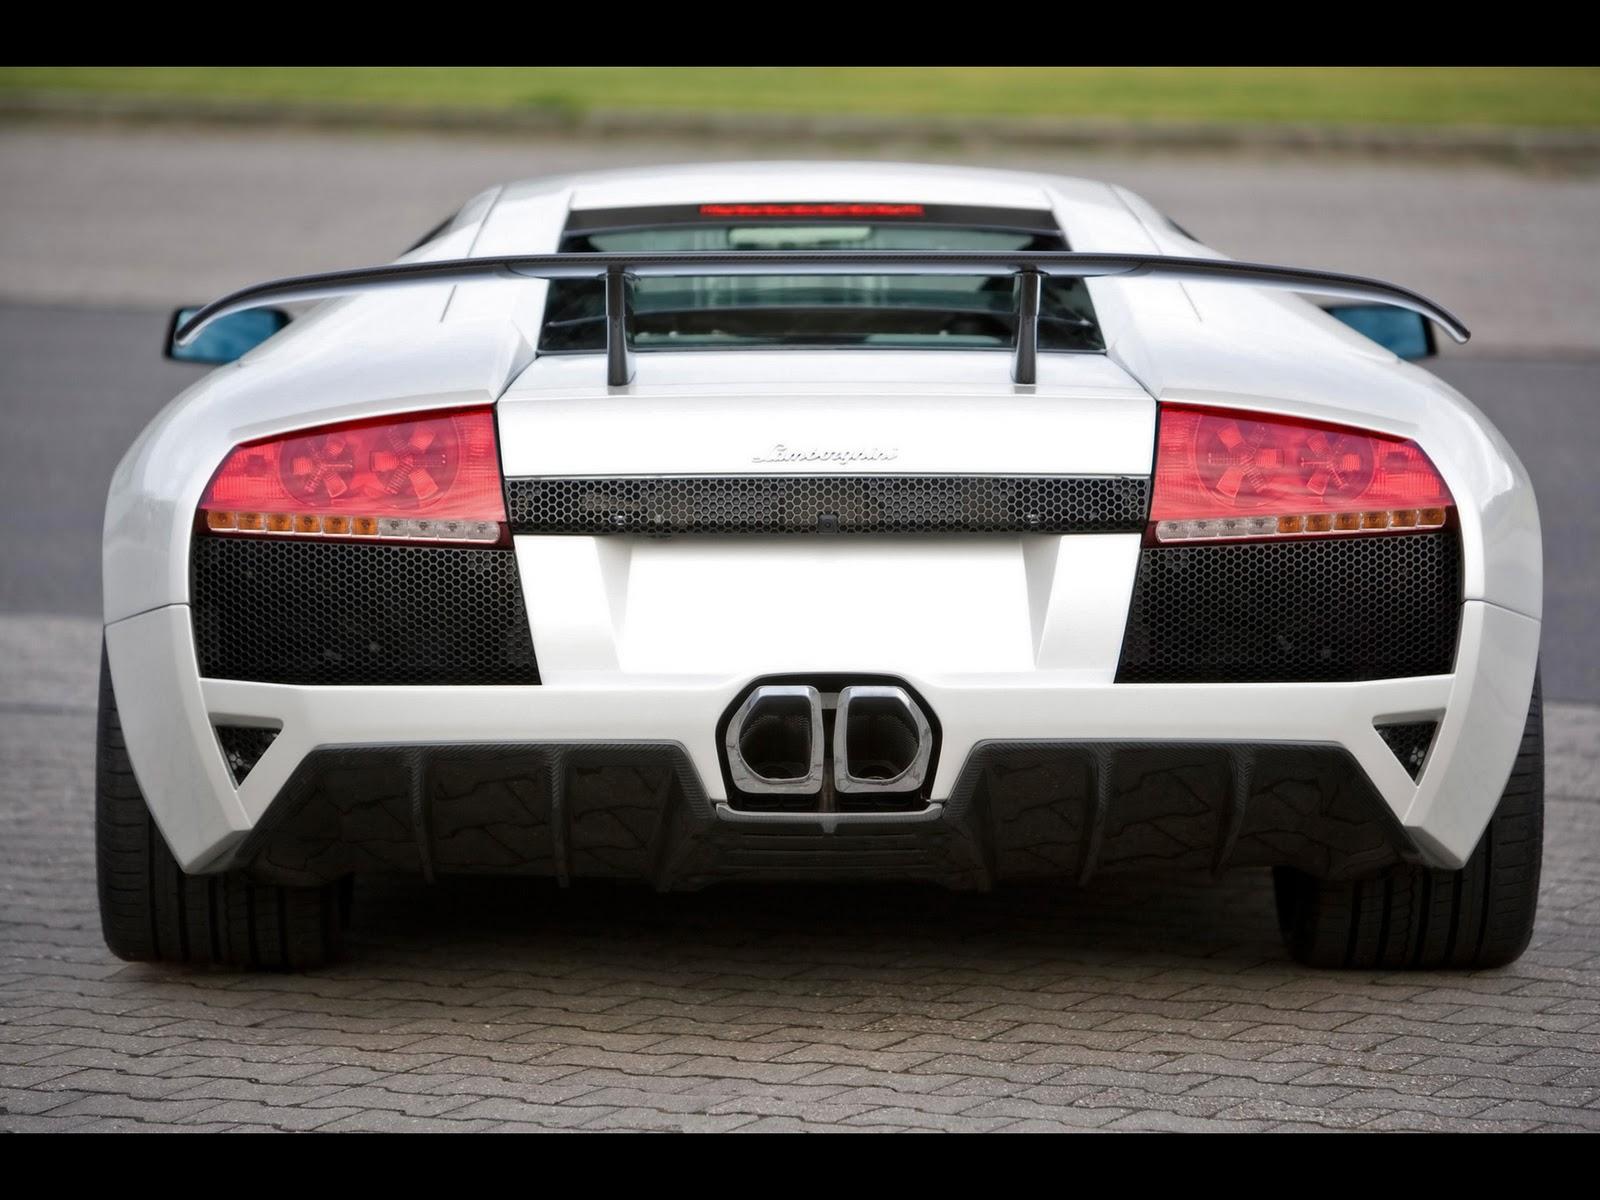 http://1.bp.blogspot.com/_7XKM5uAPfD8/THgkJaH6BkI/AAAAAAAAAG8/VtEnC4dQL7E/s1600/Lamborghini%2BMurcielago%2BGTR.jpg